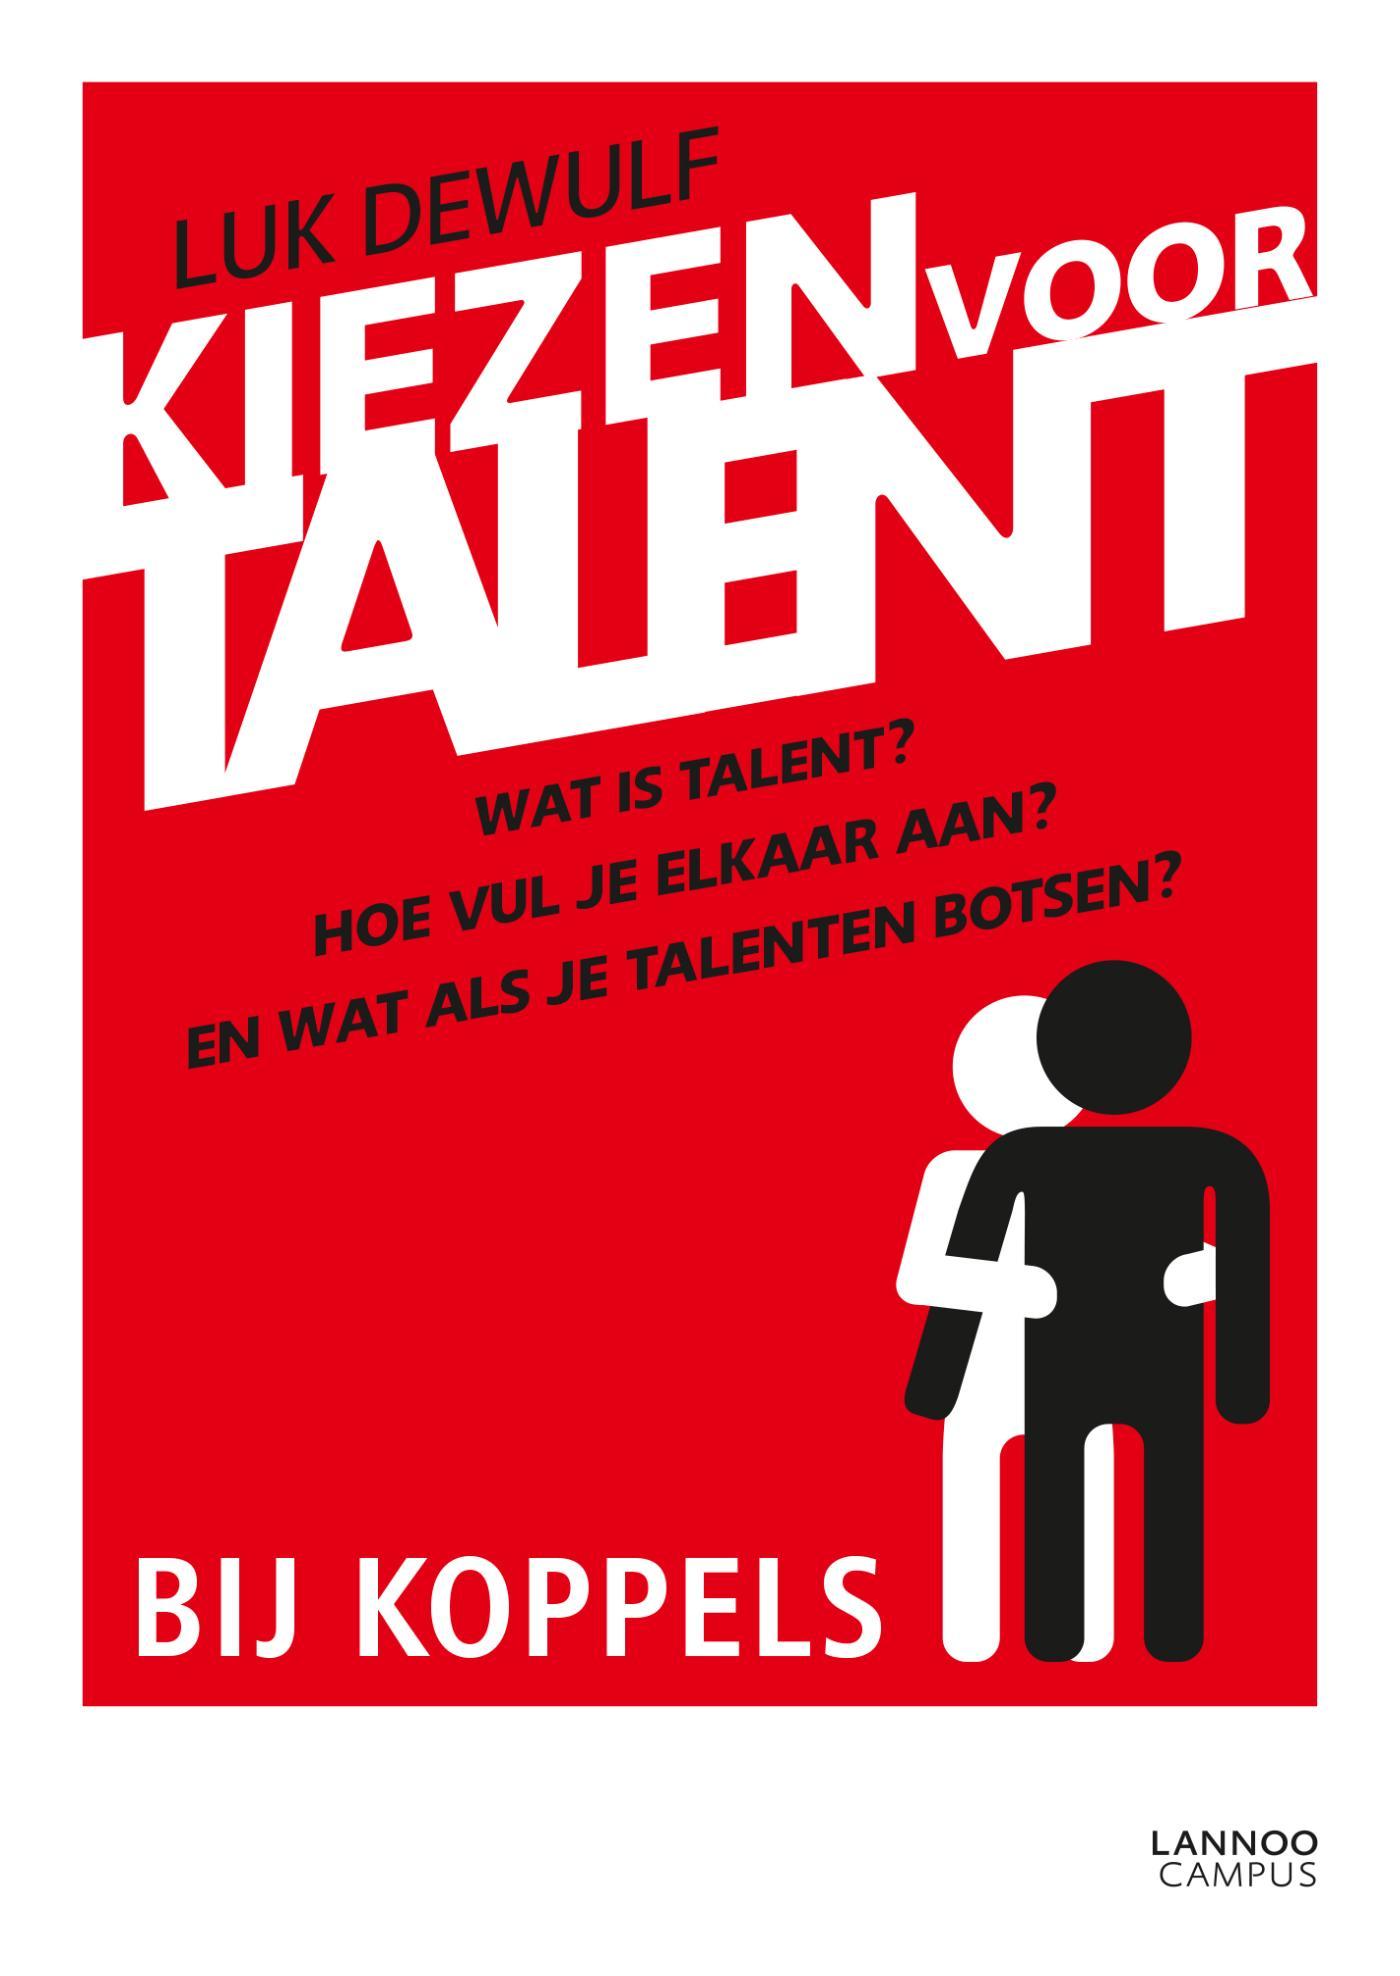 Kiezen voor talent bij koppels